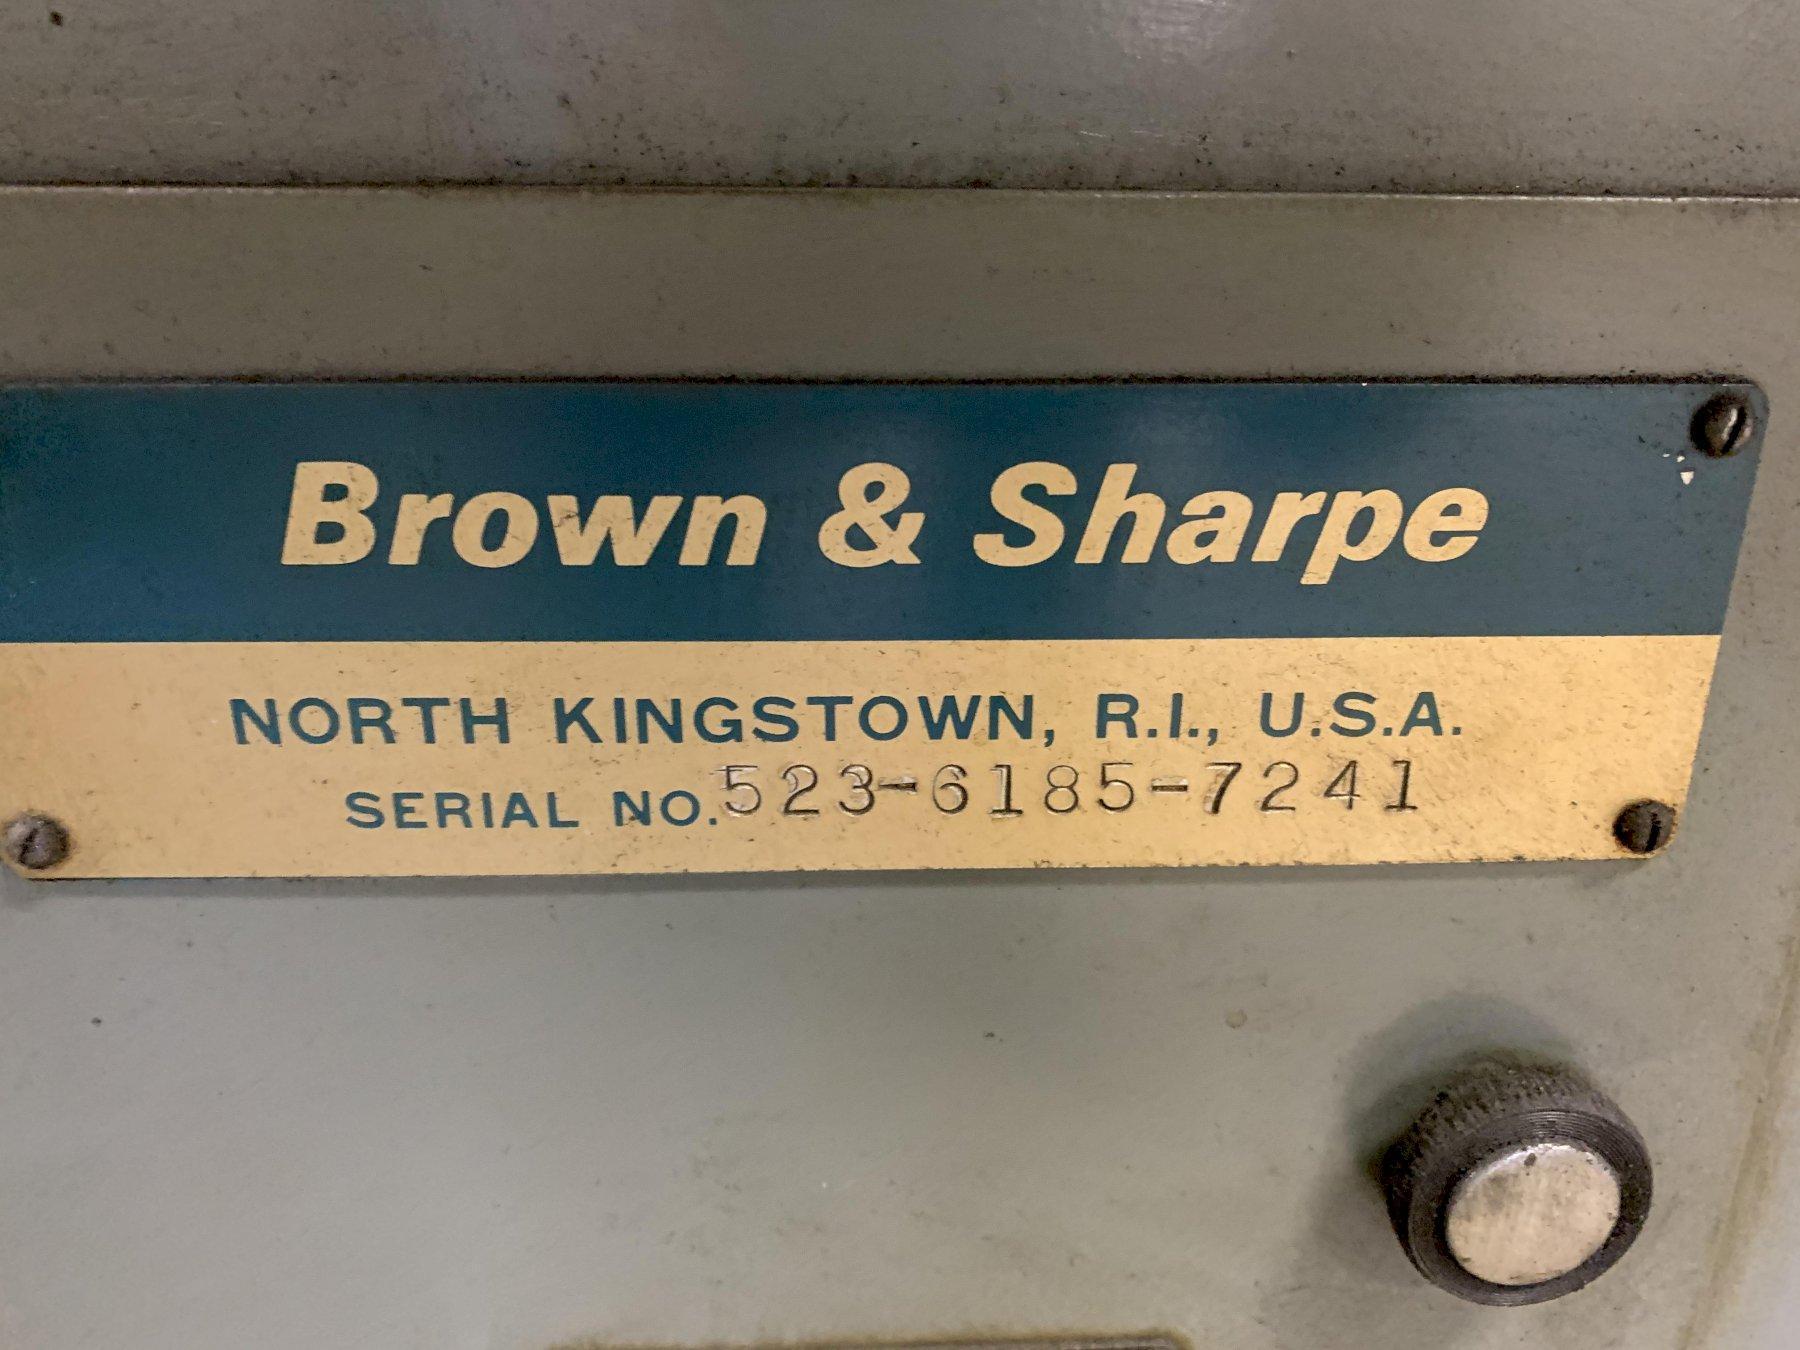 Brown & Sharpe Visual Grinder 618, S/N 523-6185-7241.